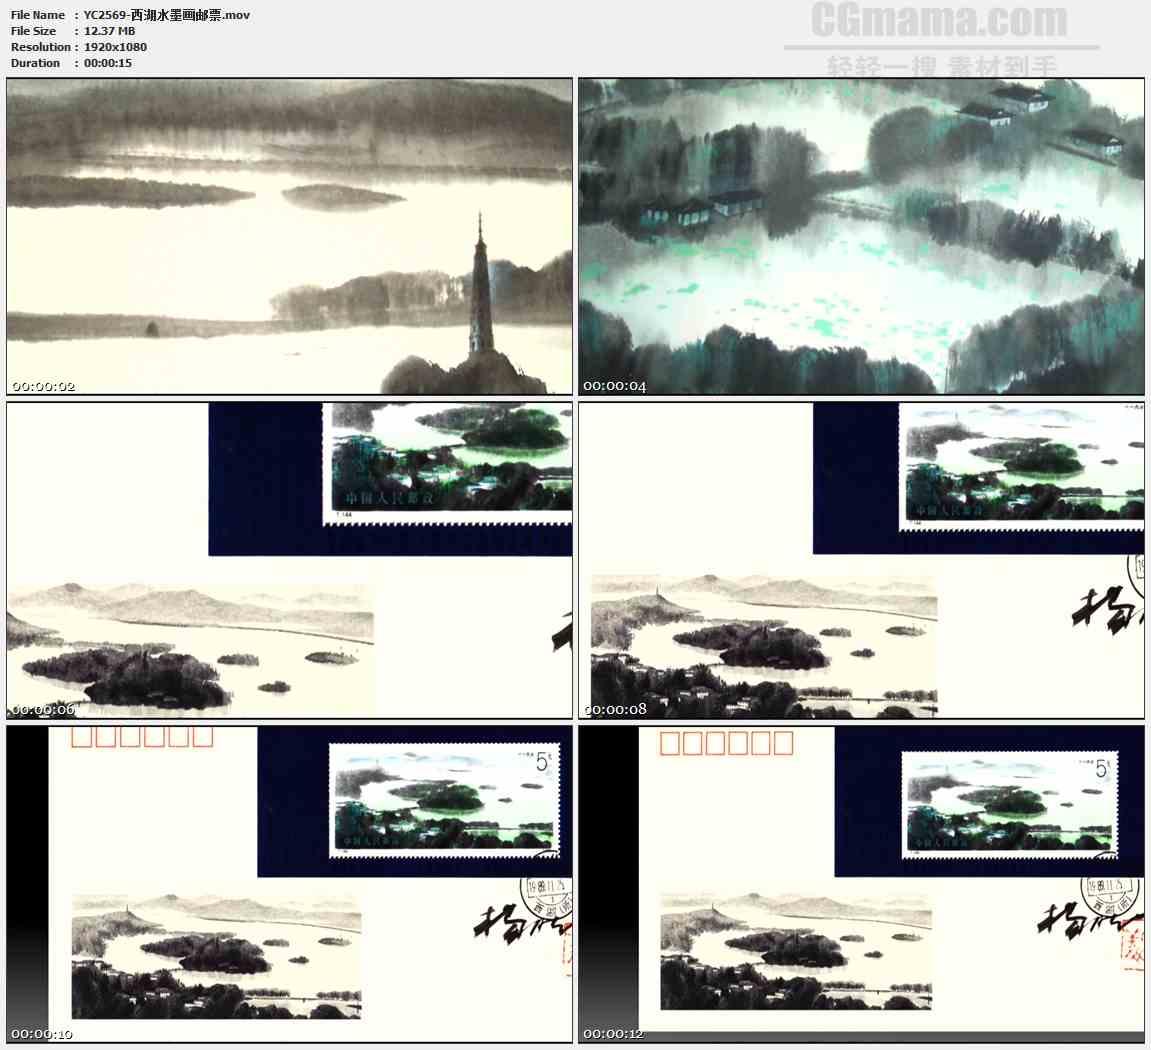 YC2569-西湖水墨画邮票高清实拍视频素材